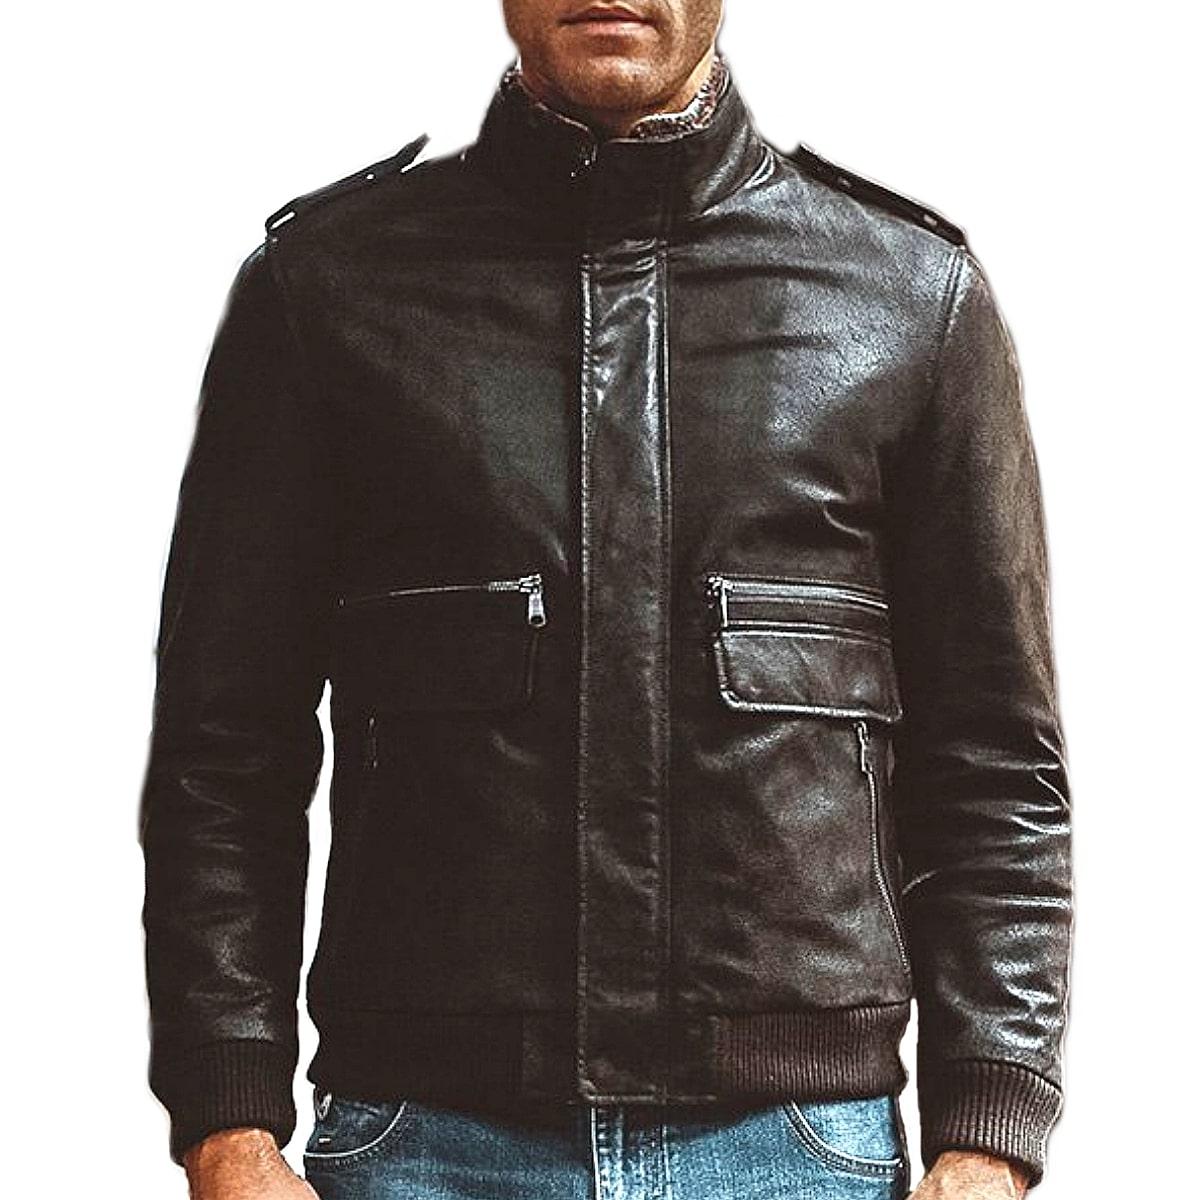 【送料無料!】全10サイズ! [Men's Vintage Pigskin Genuine Leather Motorcycle Jacket] メンズ ビンテージ ピッグスキン ジェニュインレザー モーターサイクルジャケット! 本革 豚革 革ジャン ダークブラウン コート アウター バイクに!